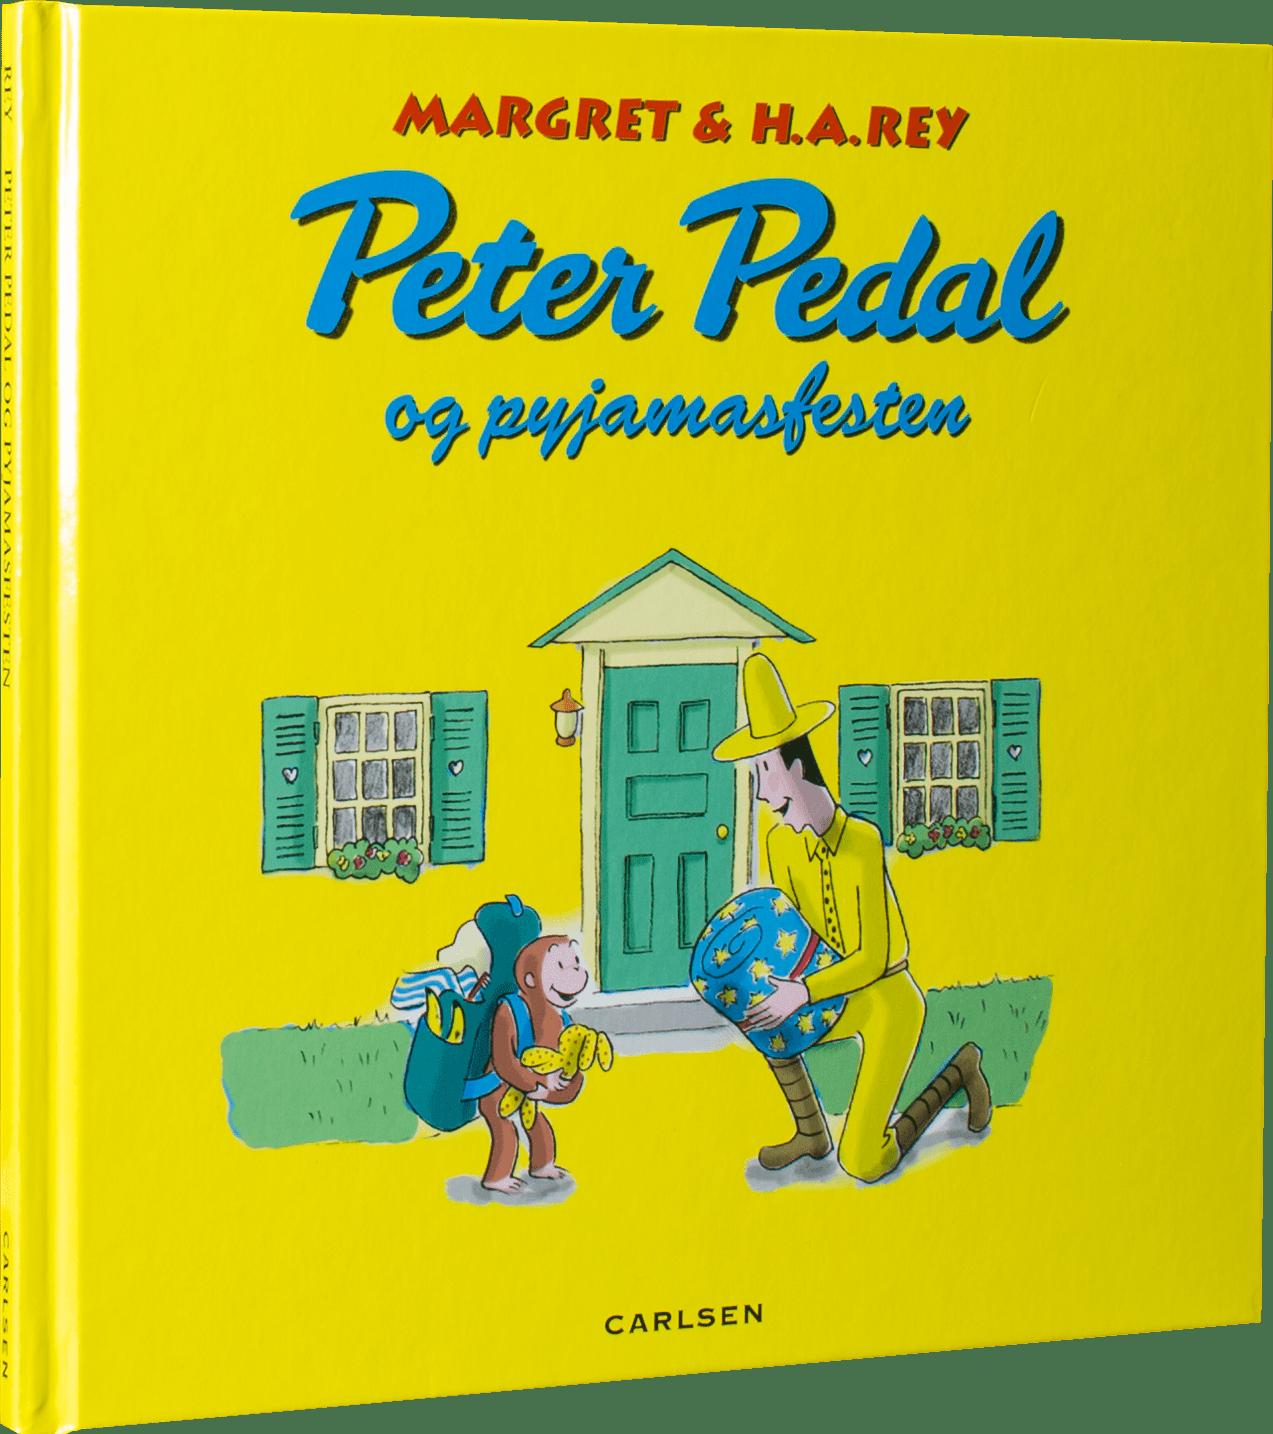 Peter Pedal og pyjamasfesten, peter pedal, børnbøger, julegaver